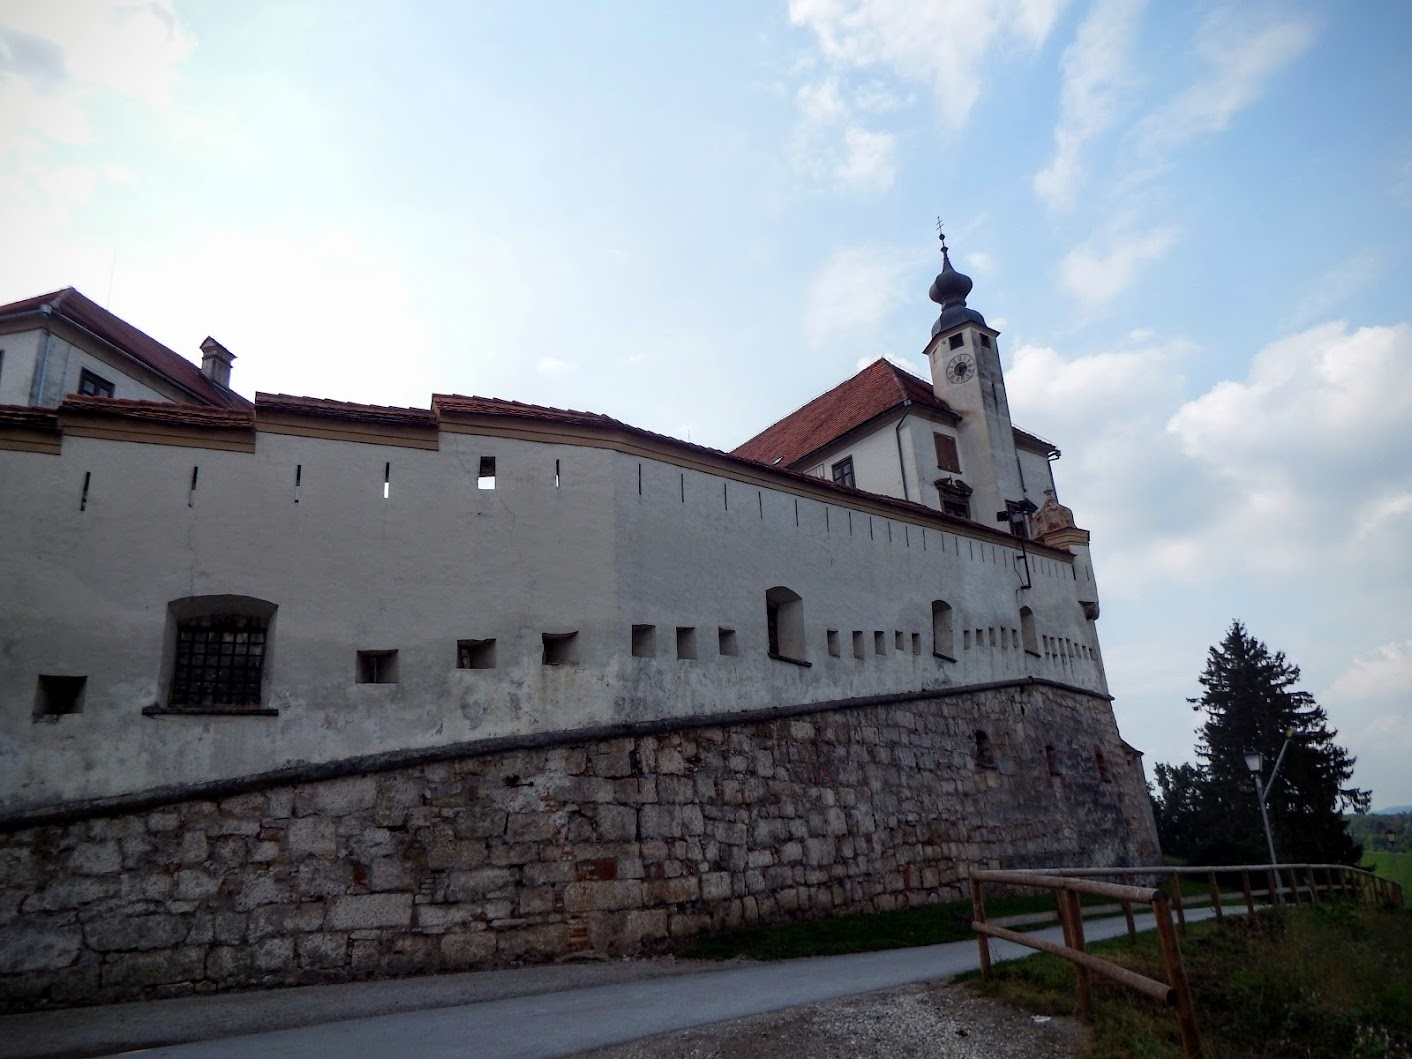 Ptuj - Panoramski pogled na Ptuj in Ptujski grad (panoráma a városra és a vár)